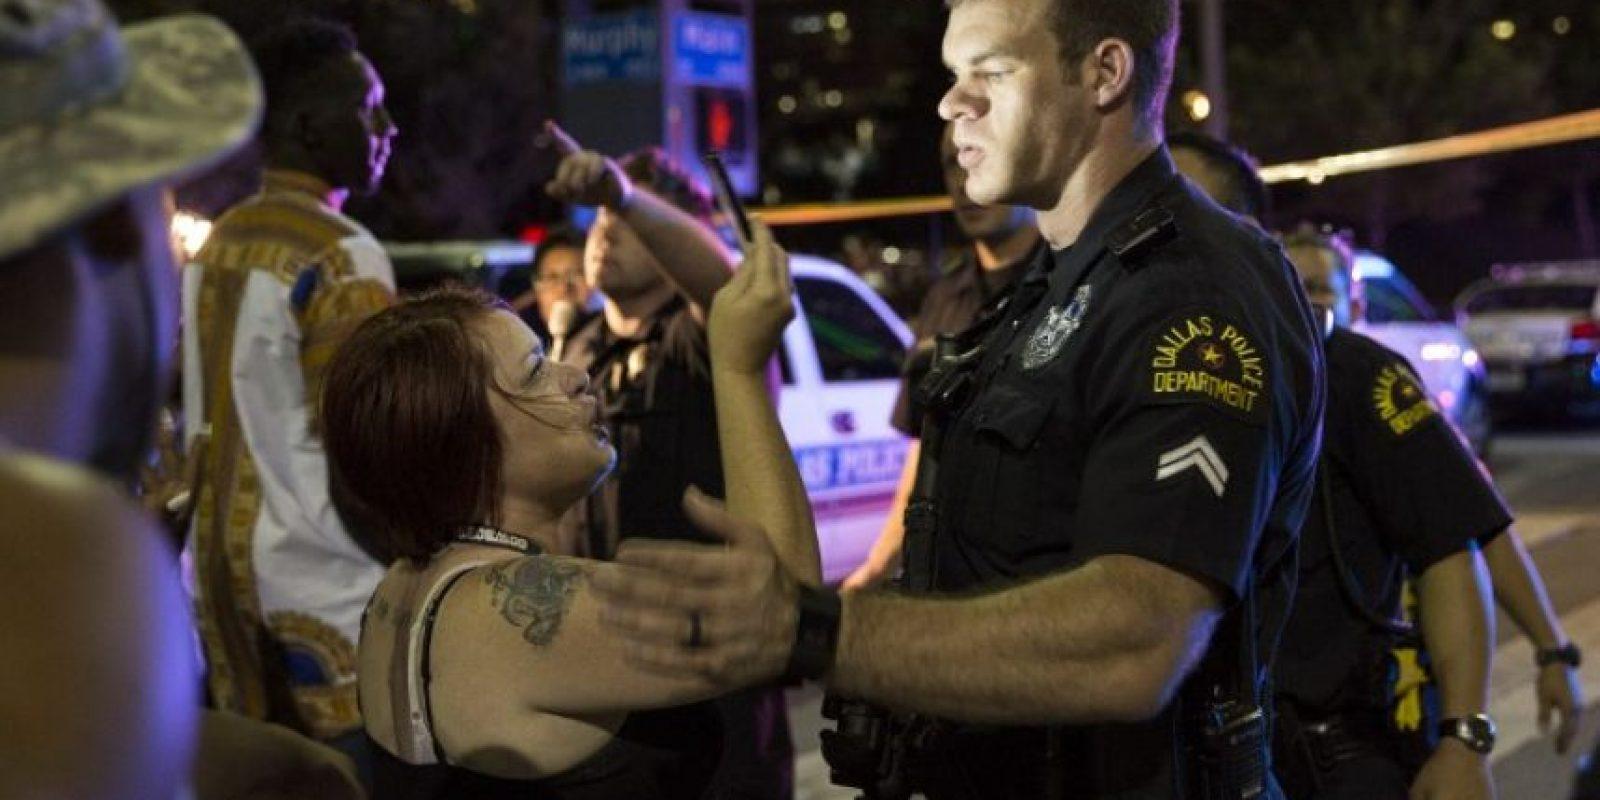 Miles de personas protestaron contra el abuso policial contra afroamericanos Foto:AFP. Imagen Por: